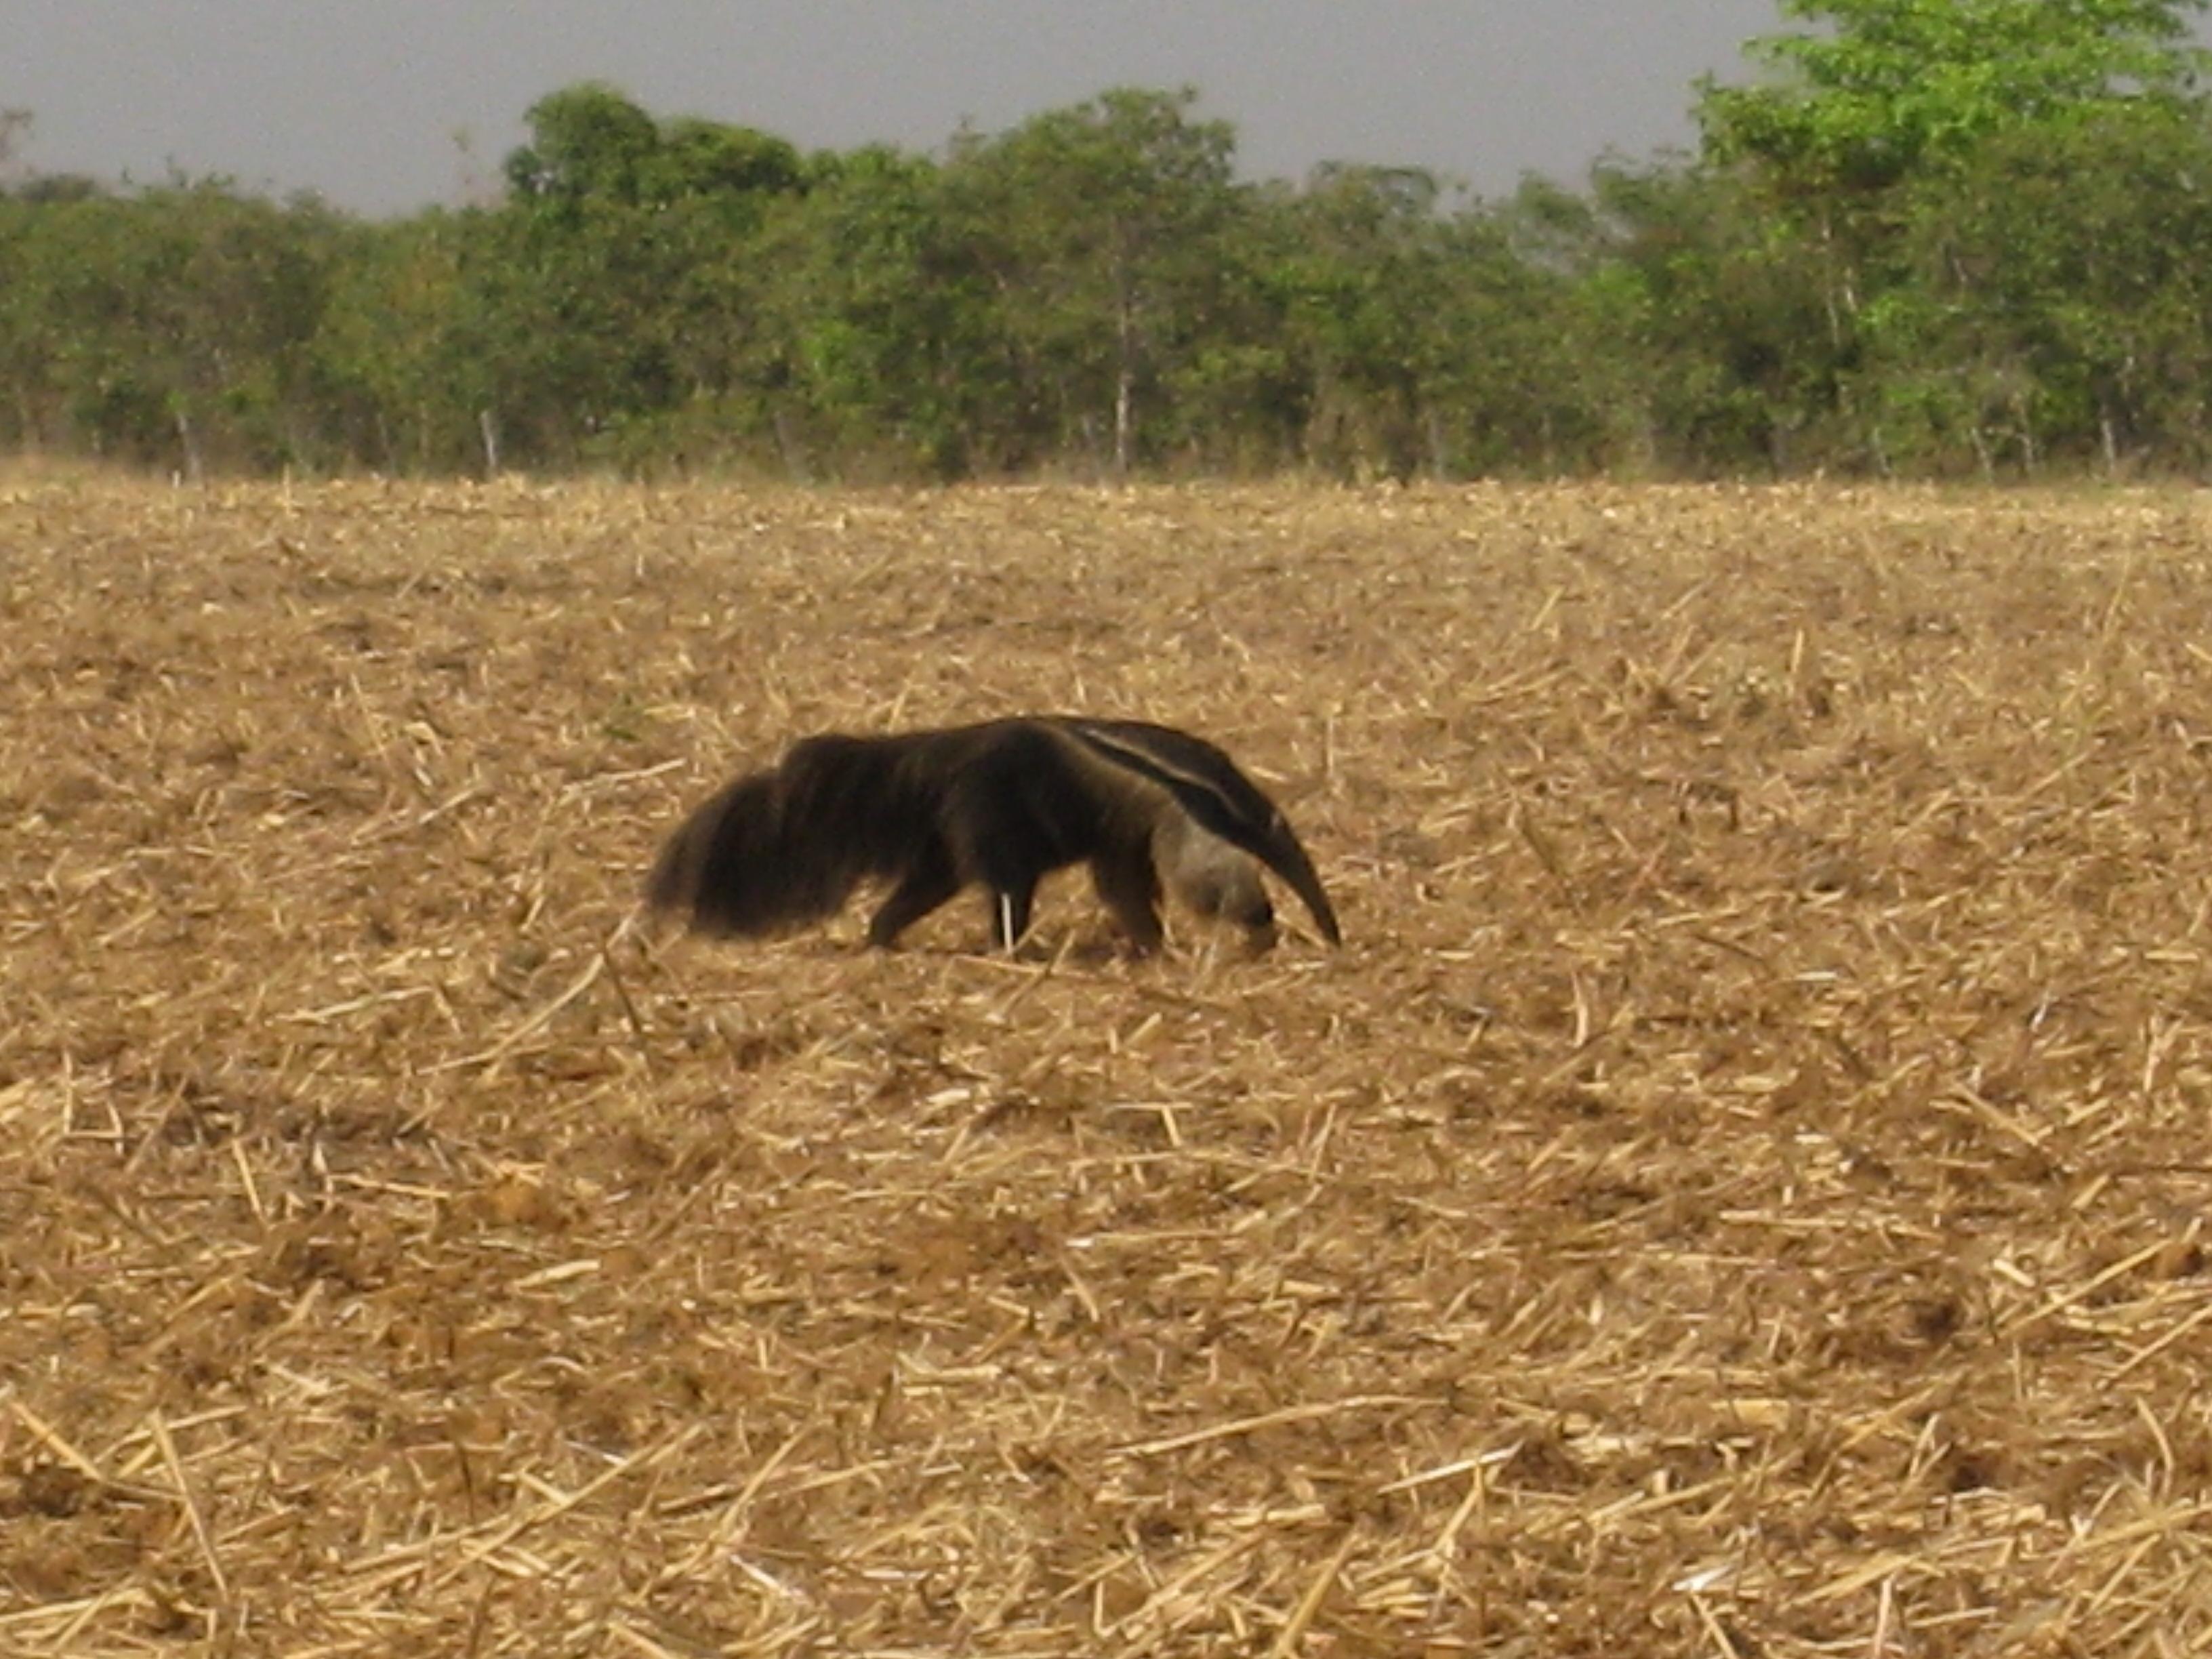 anteater_fullsize